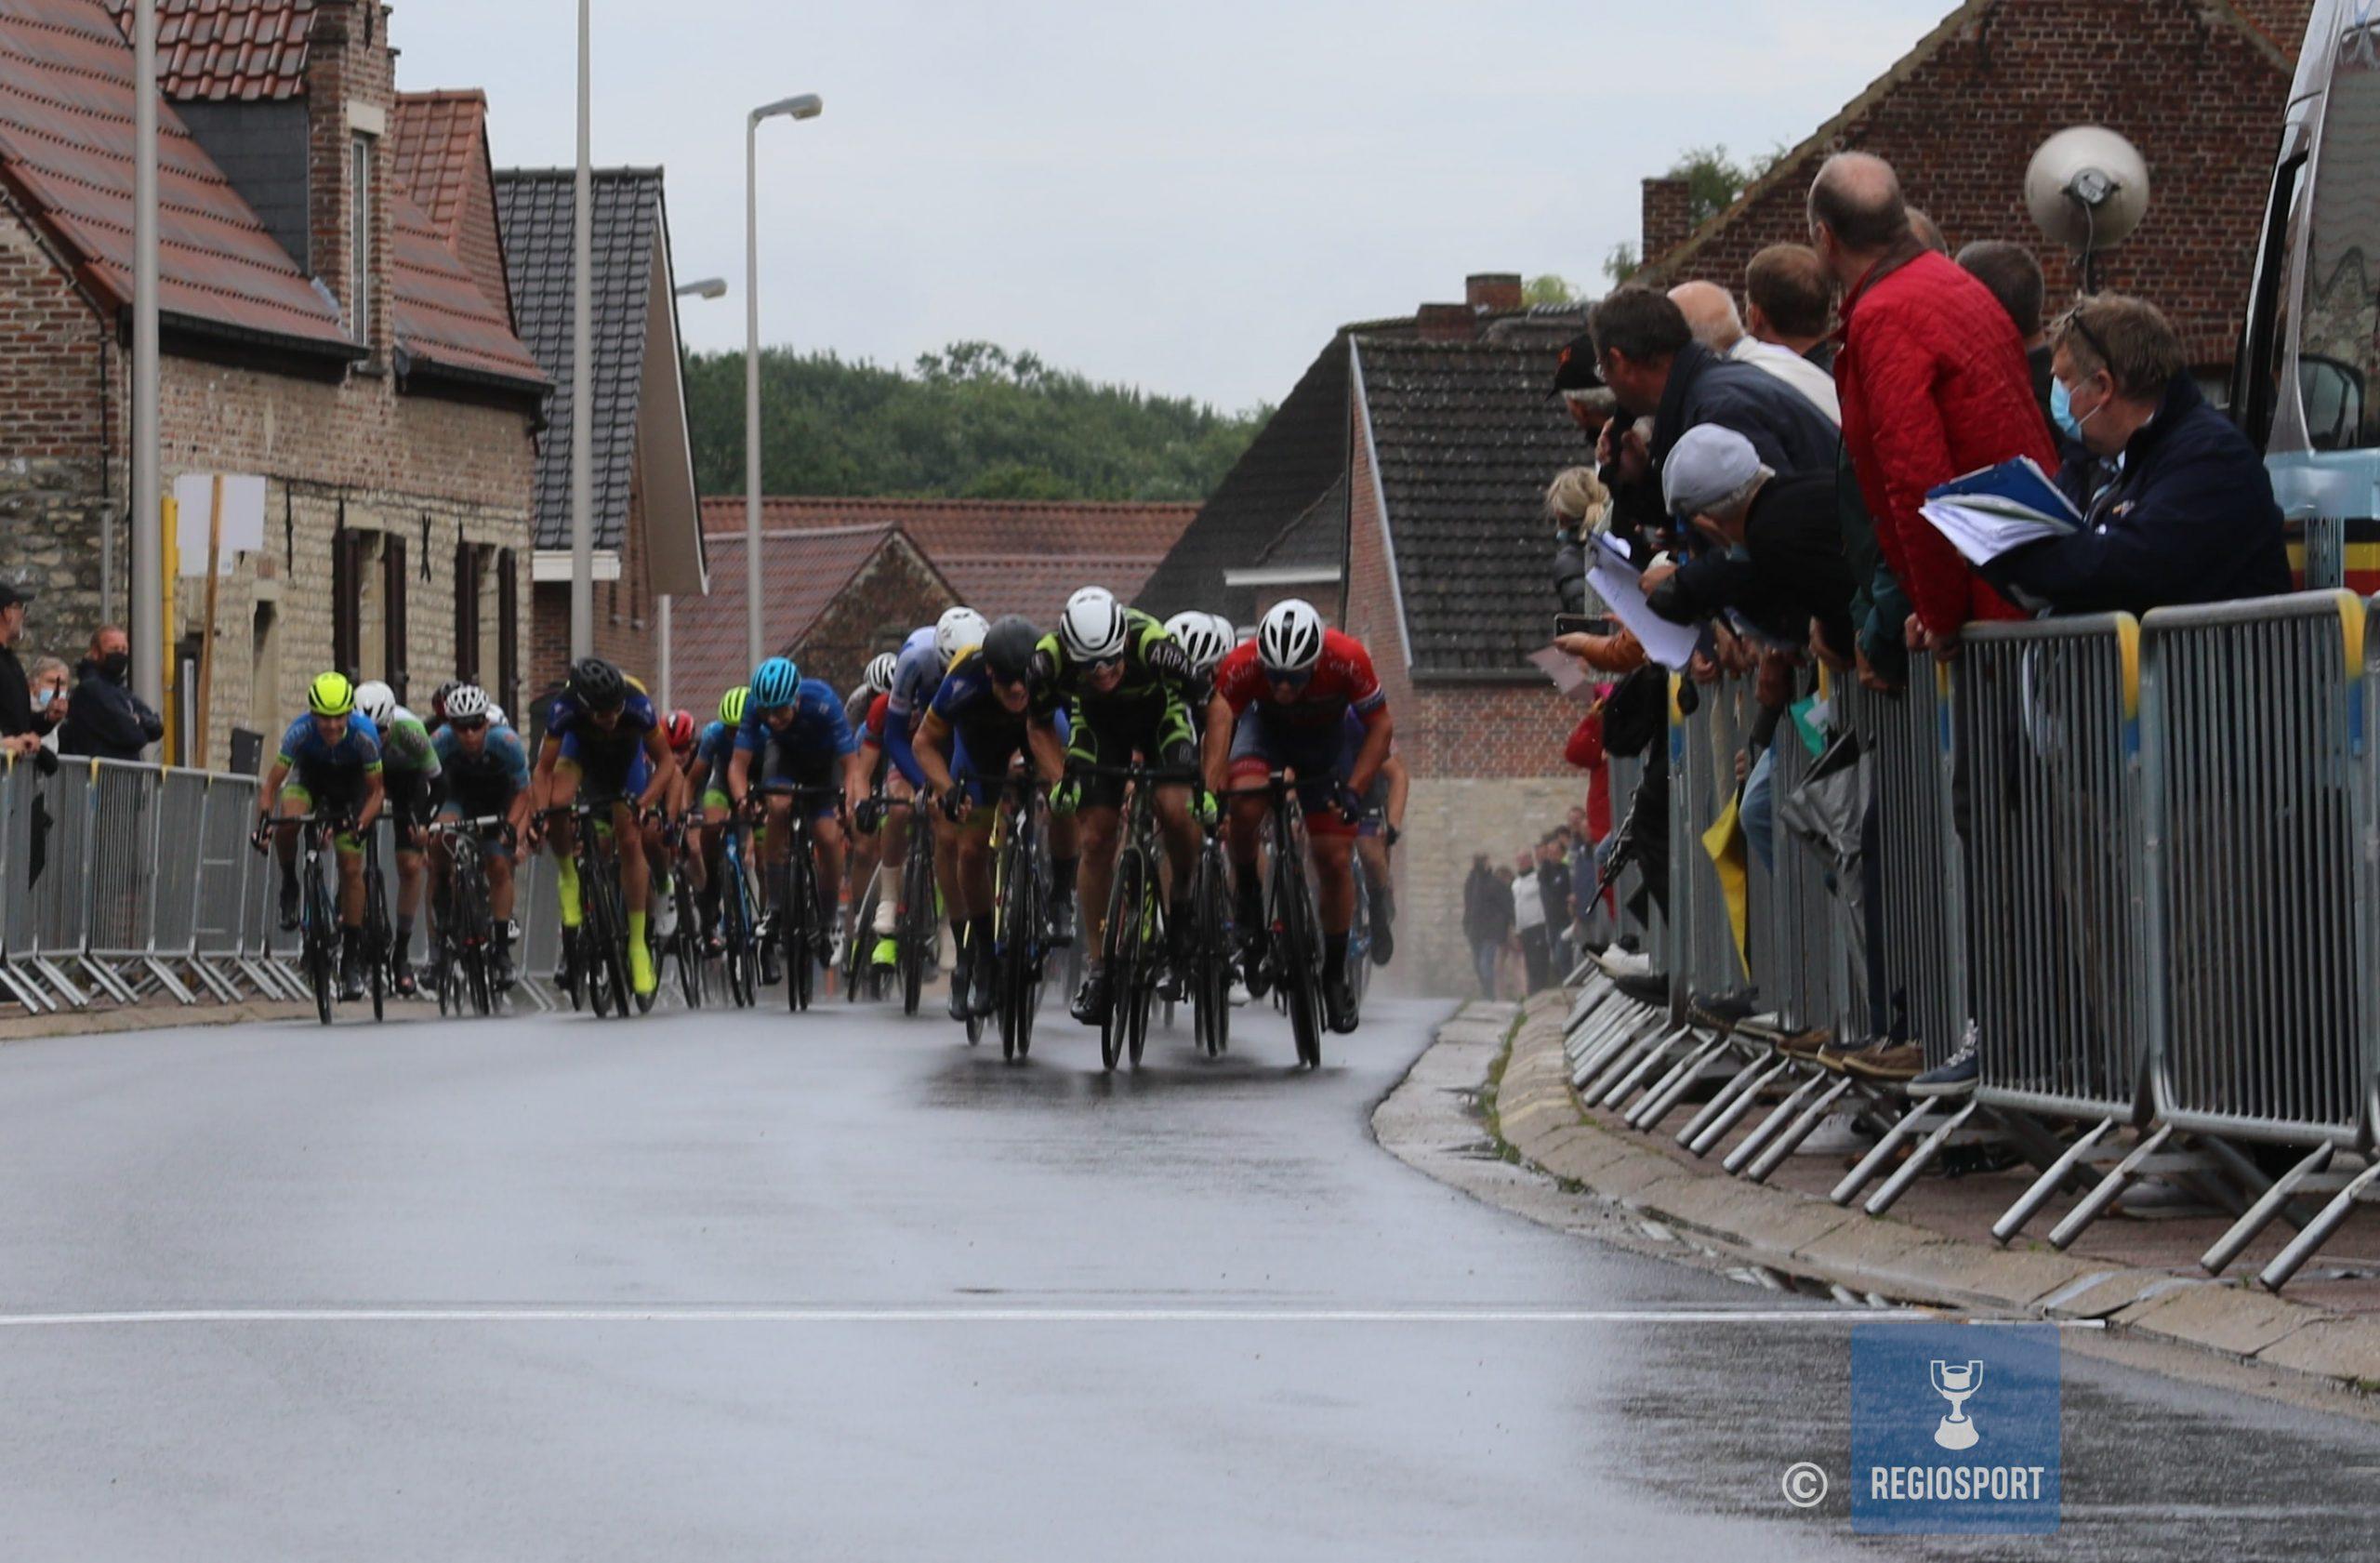 7de GP Roger De Coninck in Berg-Kampenhout valt ten prooi aan de Canadees Bibic